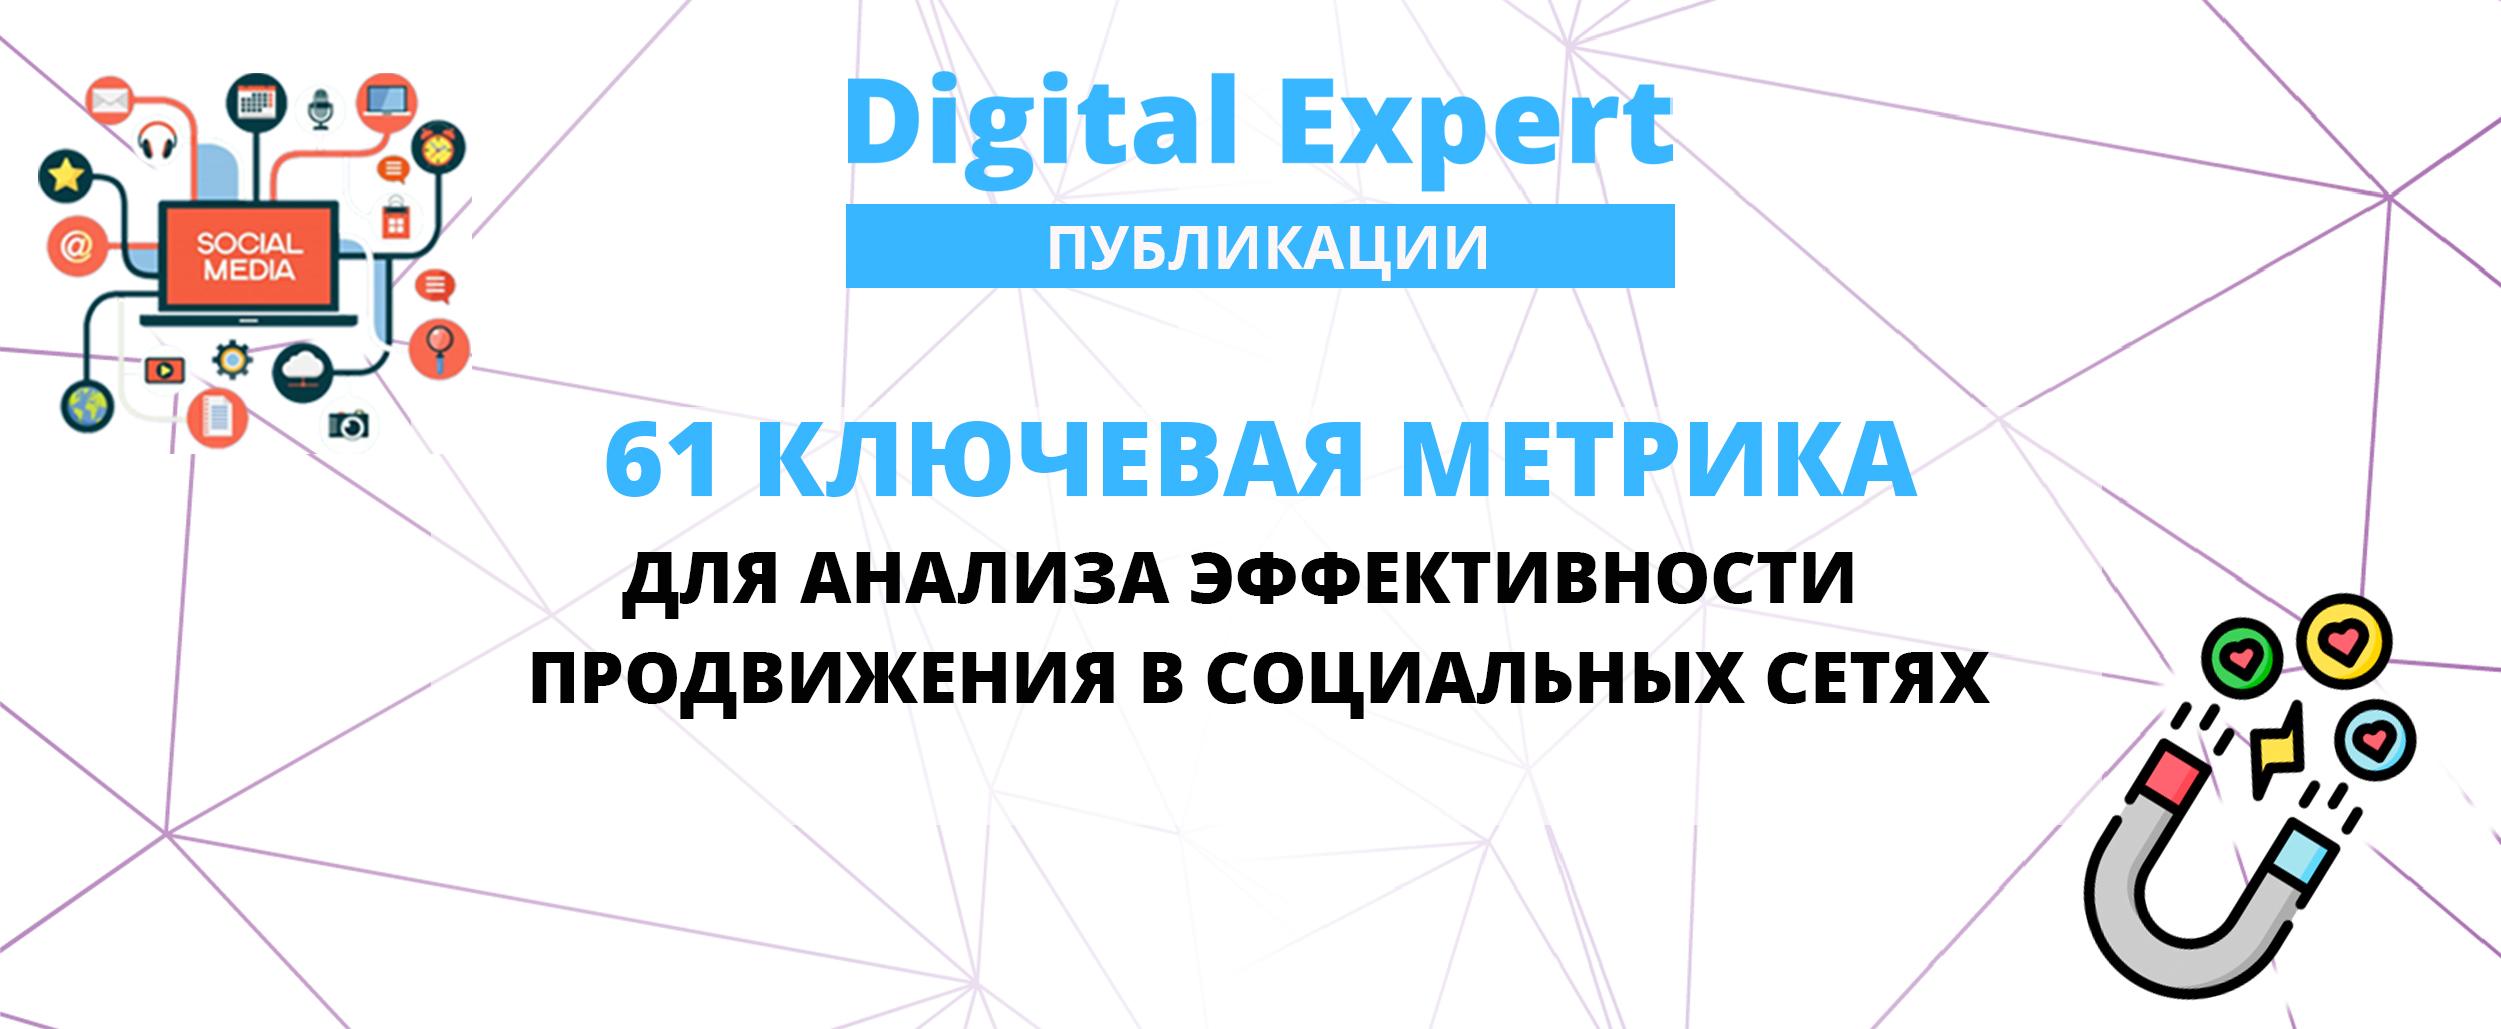 SMM анализ: метрики и показатели эффективности продвижения в социальных сетях